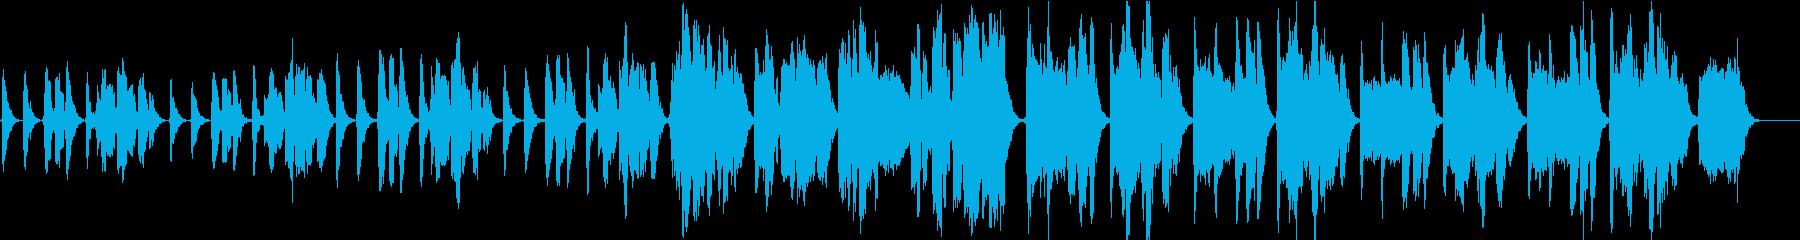 「ほたるこい」アカペラ 4重コーラスの再生済みの波形